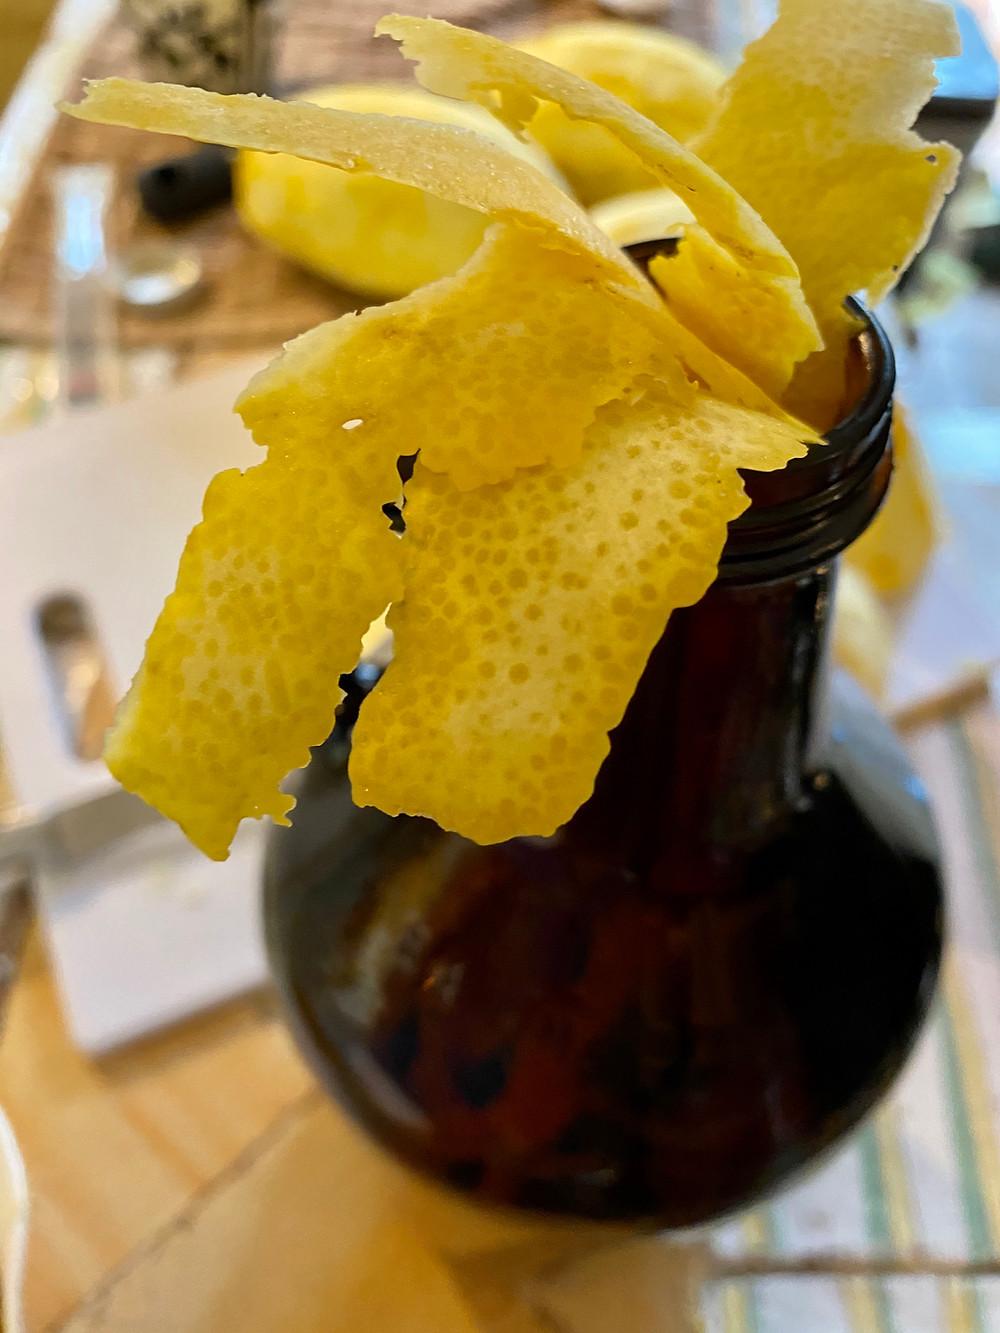 sicily-lemons-citron-liqueur